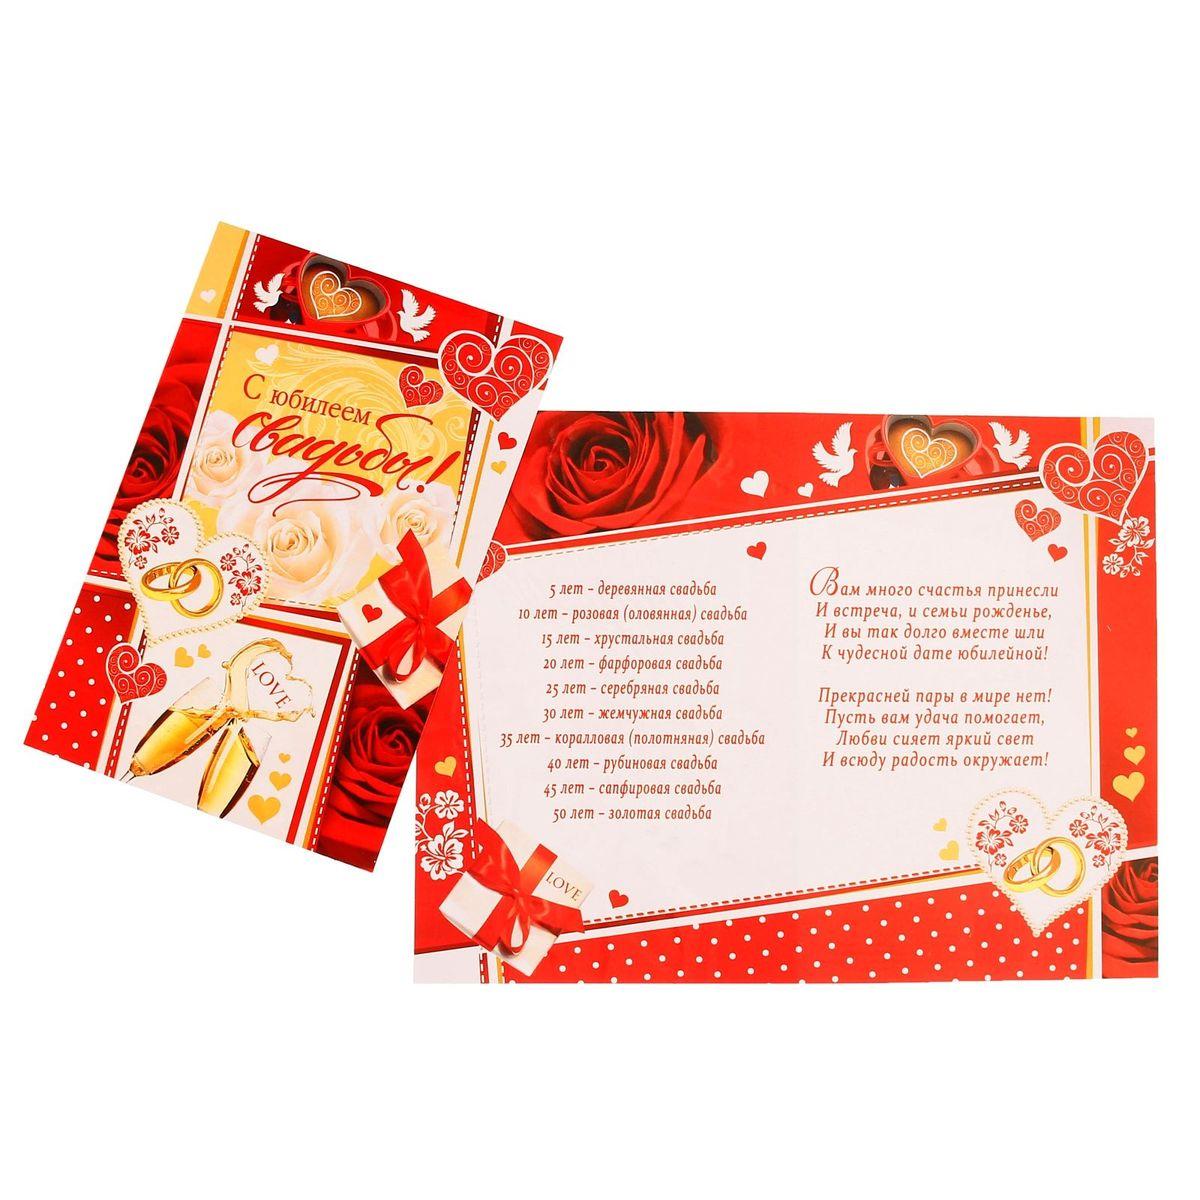 Открытка Мир открыток С юбилеем Свадьбы! Бокалы и подаркиБрелок для ключейЕсли вы хотите порадовать себя или близких, создать праздничное настроение и с улыбкой провести памятный день, то вы, несомненно, сделали правильный выбор! Открытка Мир открыток С юбилеем Свадьбы! Бокалы и подарки, выполненная из картона, отличается не только оригинальным дизайном, но и высоким качеством.Лицевая сторона изделия оформлена красивым изображением роз, бокалов и колец. Внутри открытка содержит текст с поздравлением.Такая открытка непременно порадует получателя и станет отличным напоминанием о проведенном вместе времени.